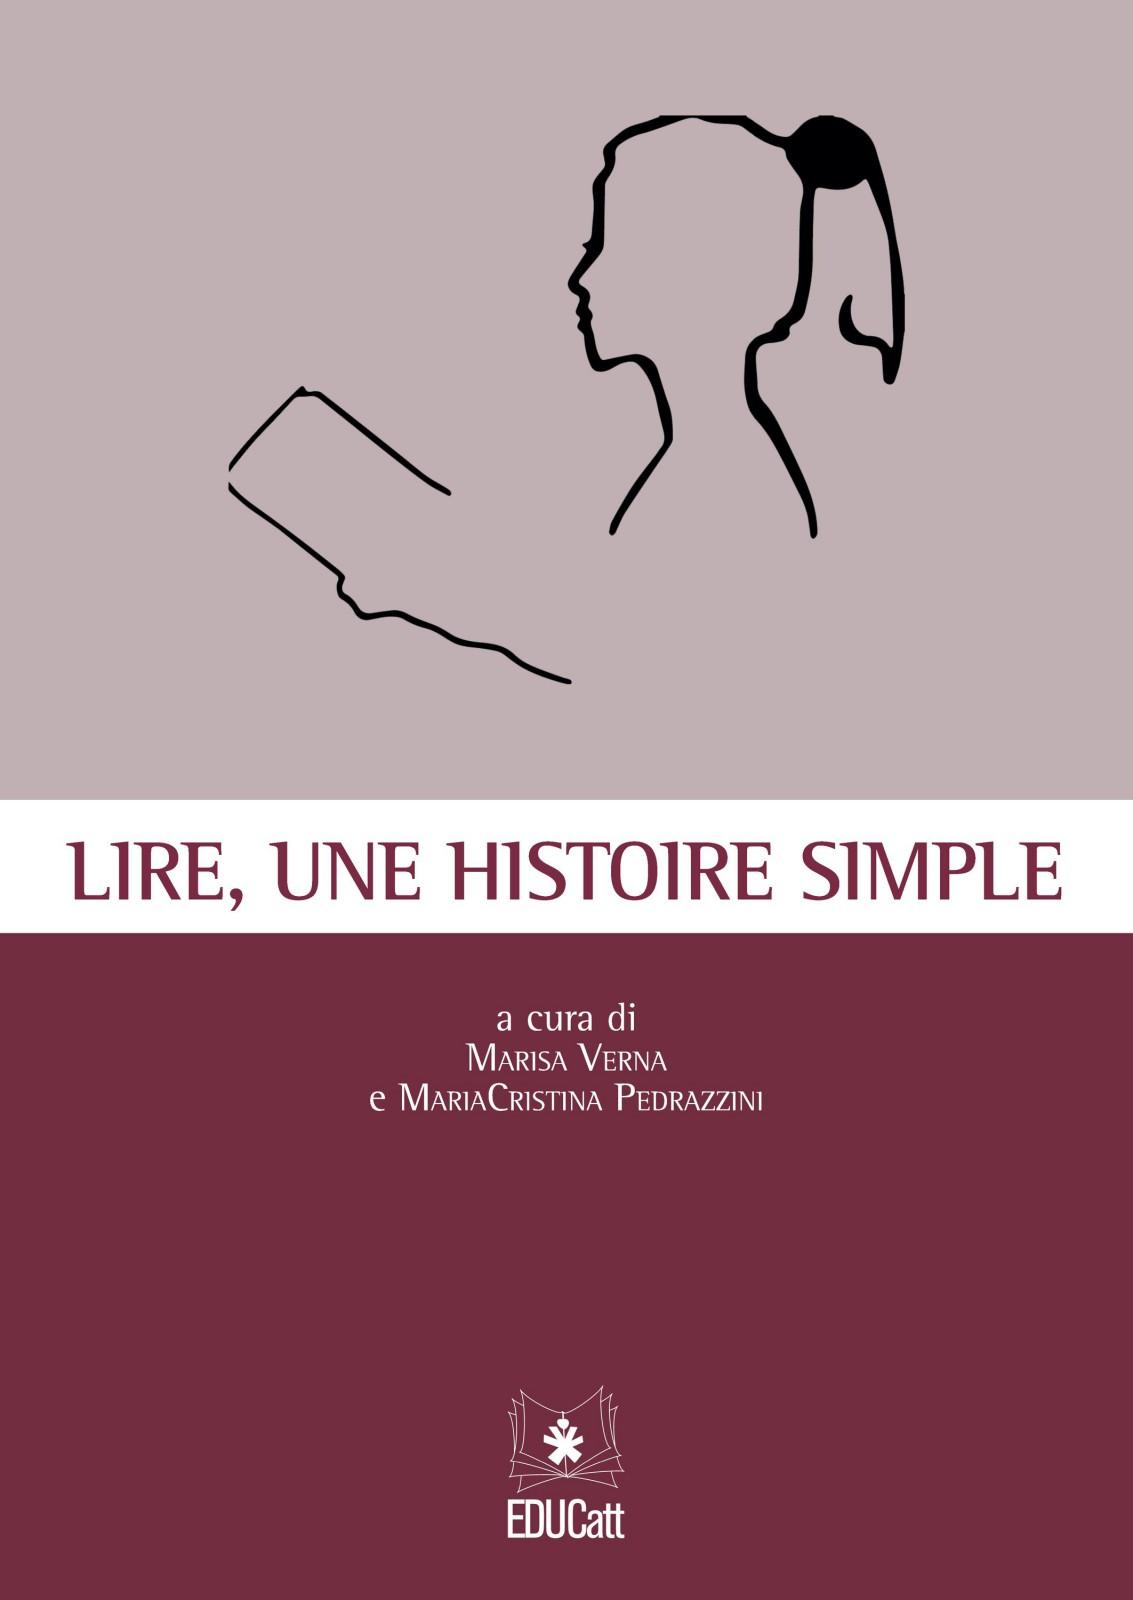 LIRE, UNE HISTOIRE SIMPLE